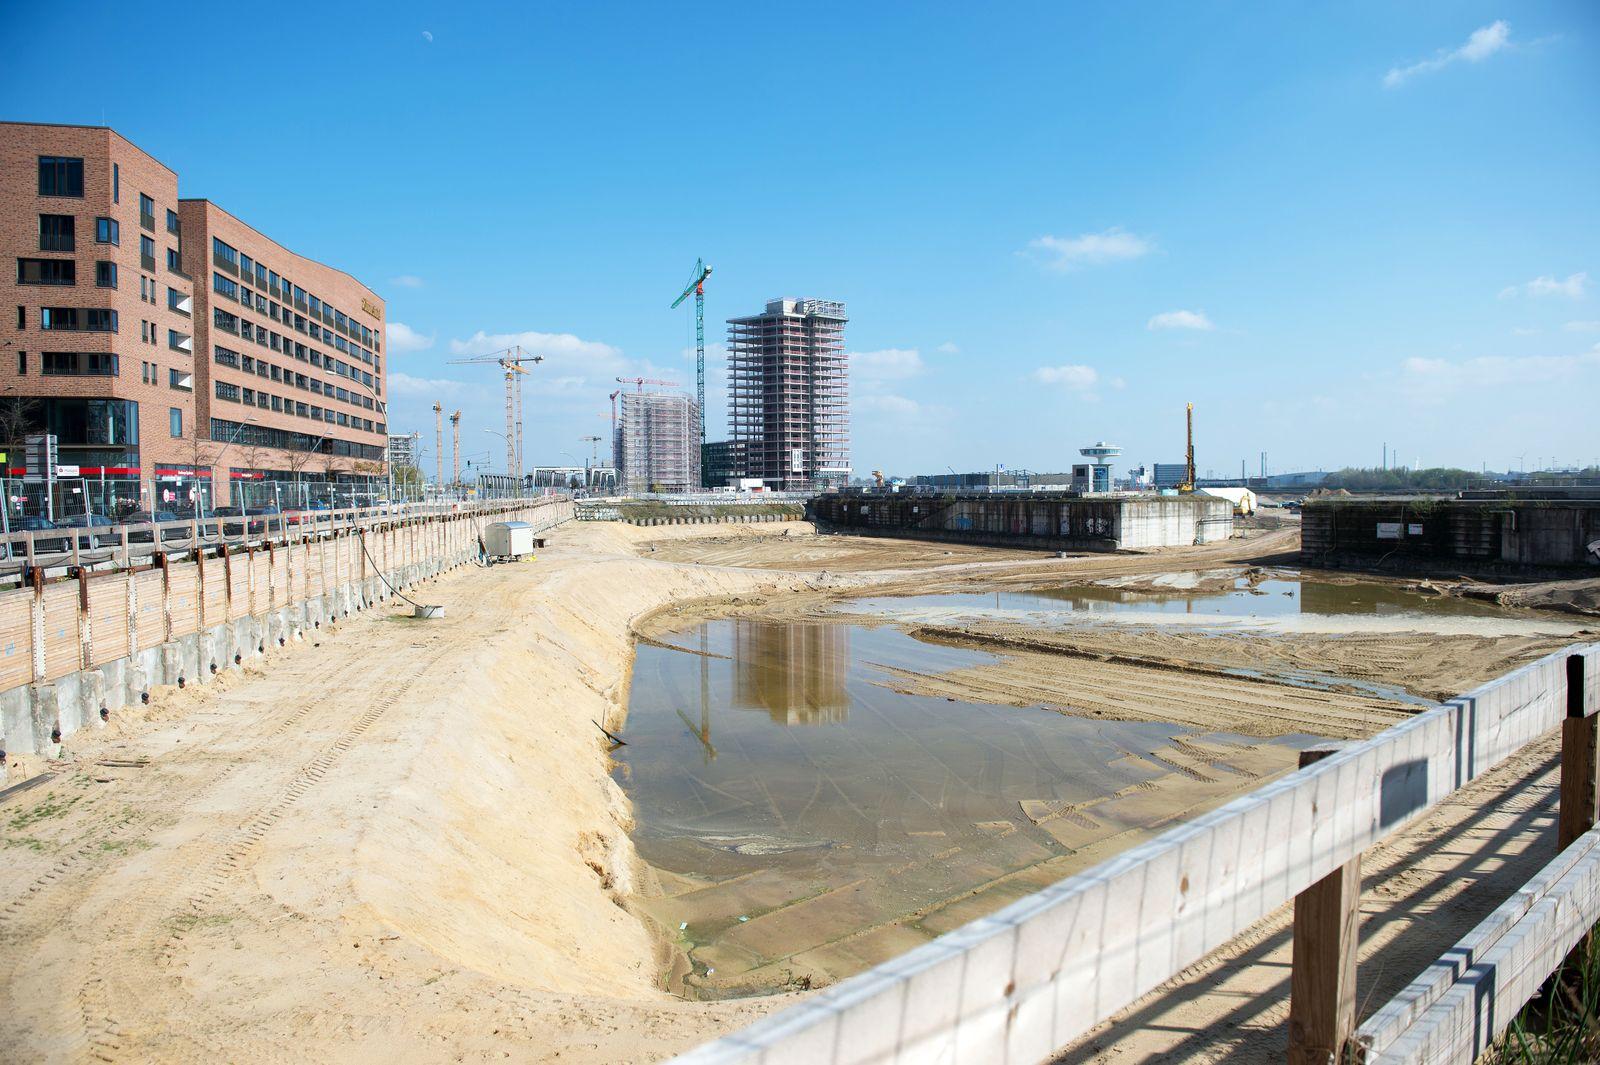 Immobilien / Hamburg / Wohnungen / Wohnungsbau